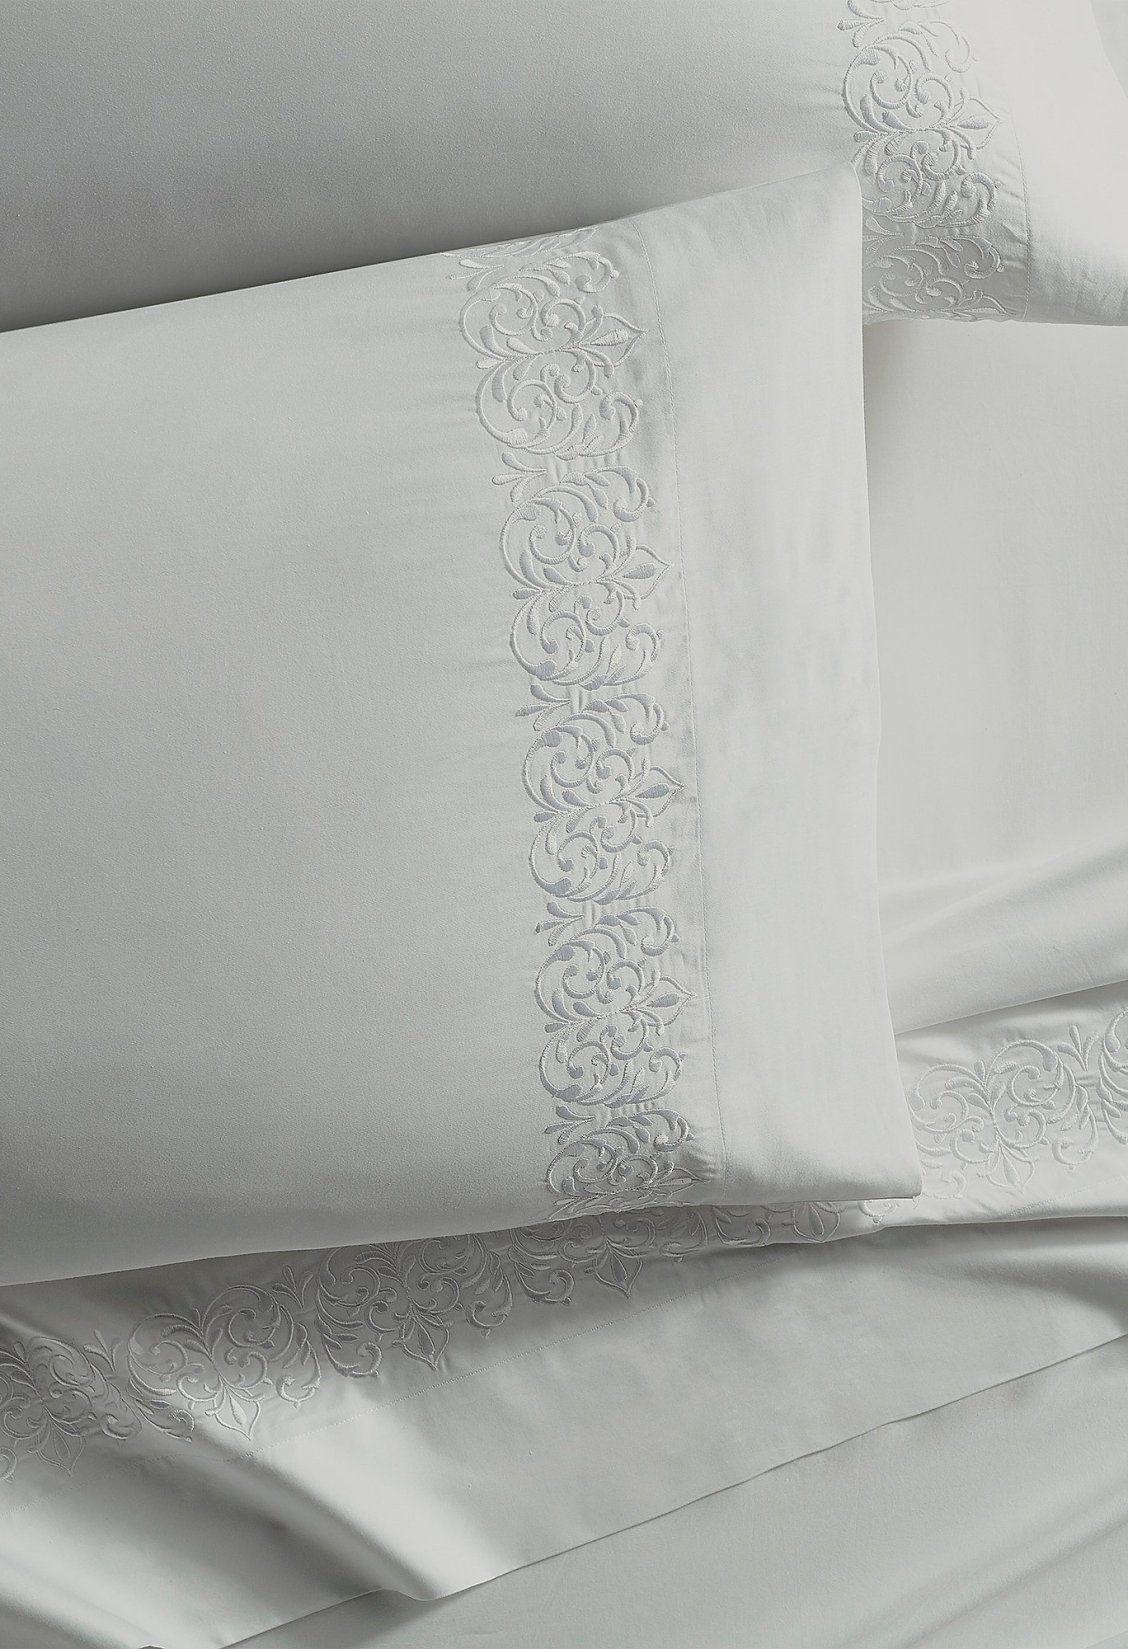 Resort Flourish Egyptian Cotton Sateen Sheet Set Sateen Sheets Egyptian Cotton Egyptian Cotton Bedding